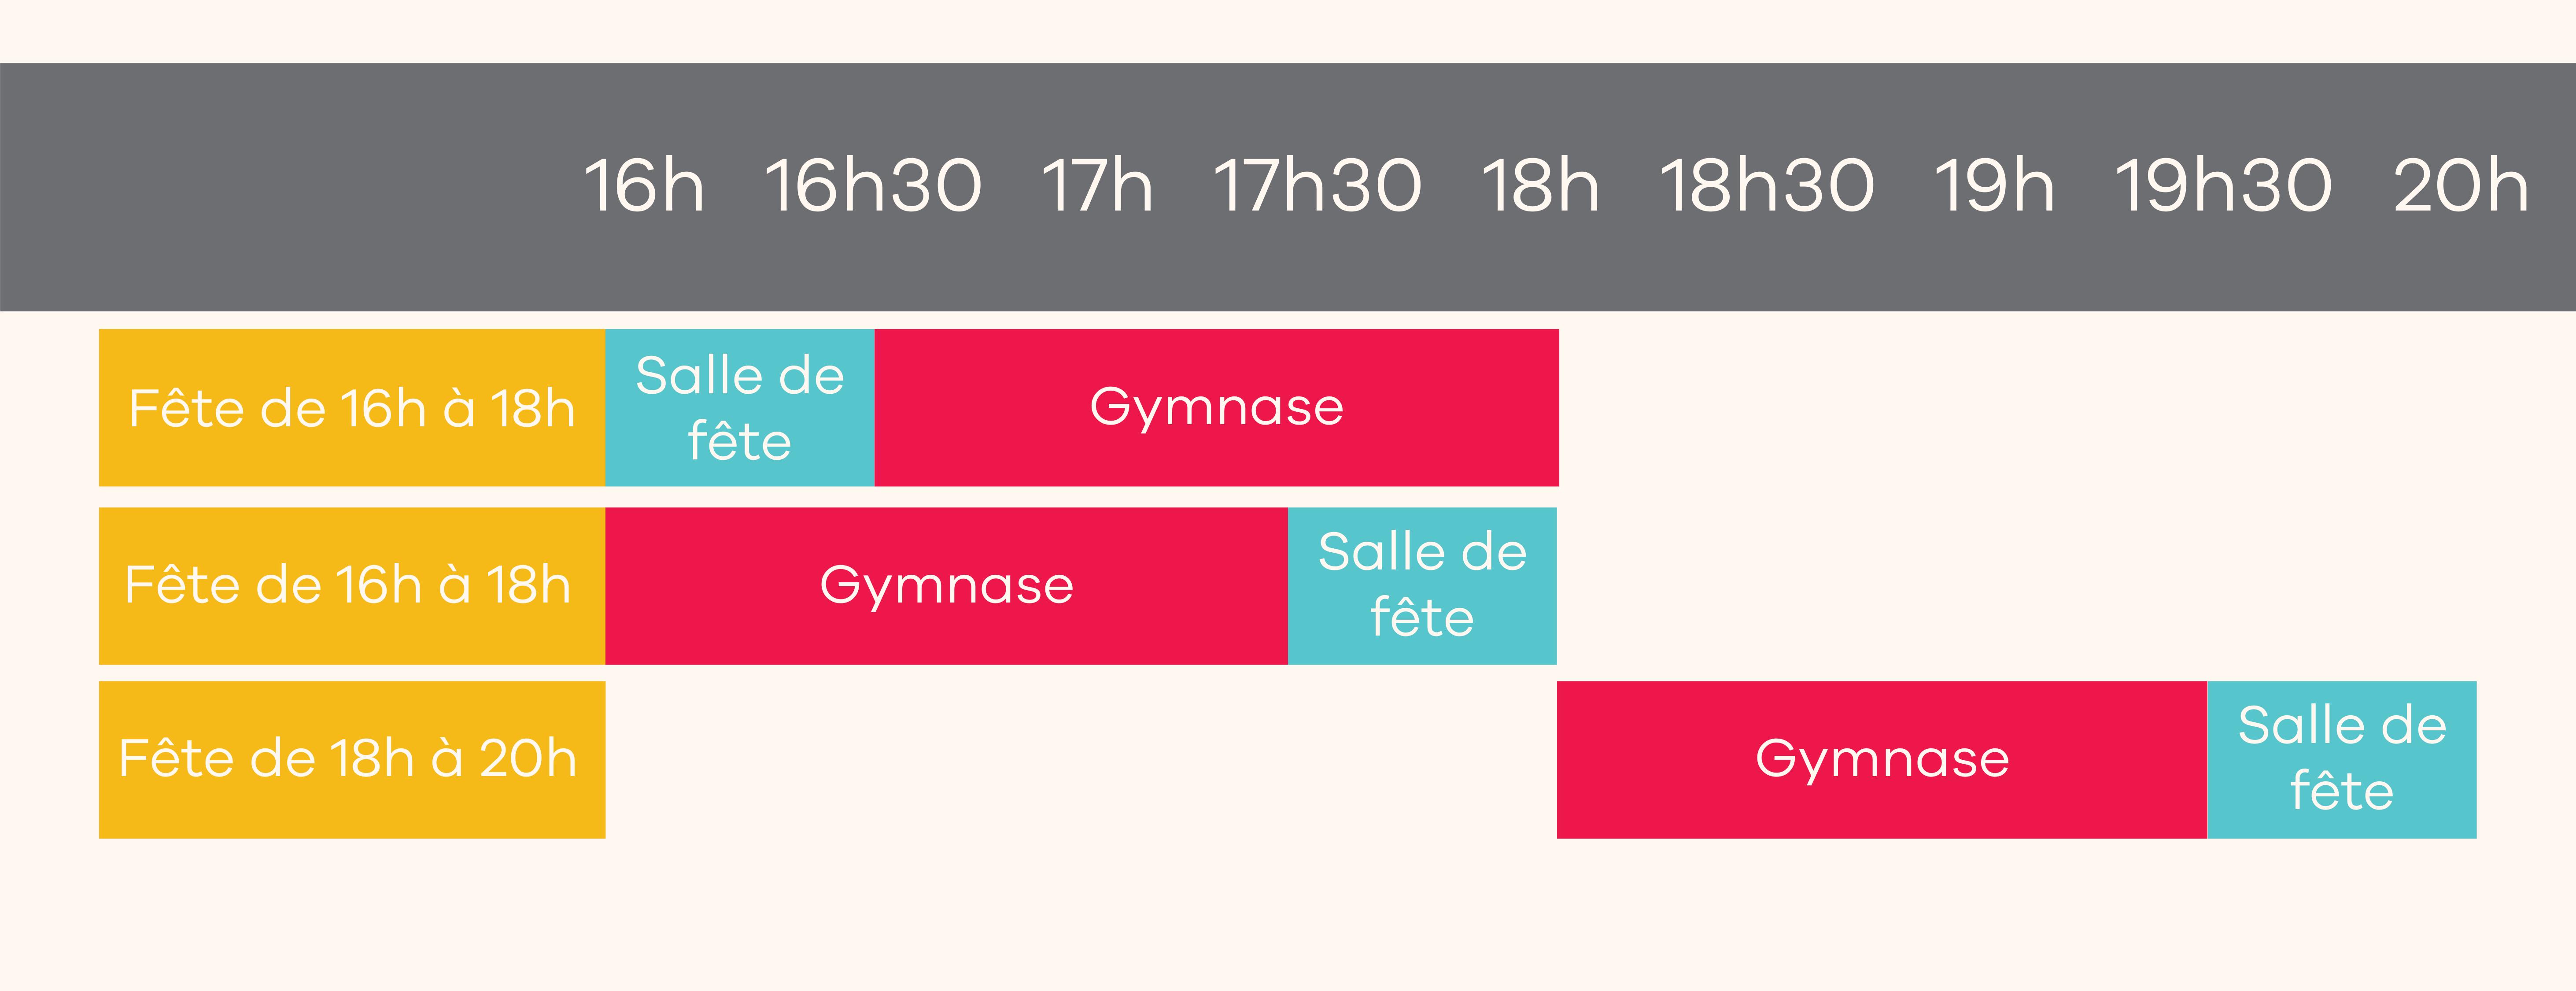 Fête de 16h à 18h: Salle de fête (16h à 16h30) et Gymnase (16h30 à 18h) Fête de 16h à 18h: Gymnase (16h à 17h30) et Salle de fête (17h30 à 18h) Fête de 18h à 20h: Gymnase (18h à 19h30) et Salle de fête (19h30 à 20h)